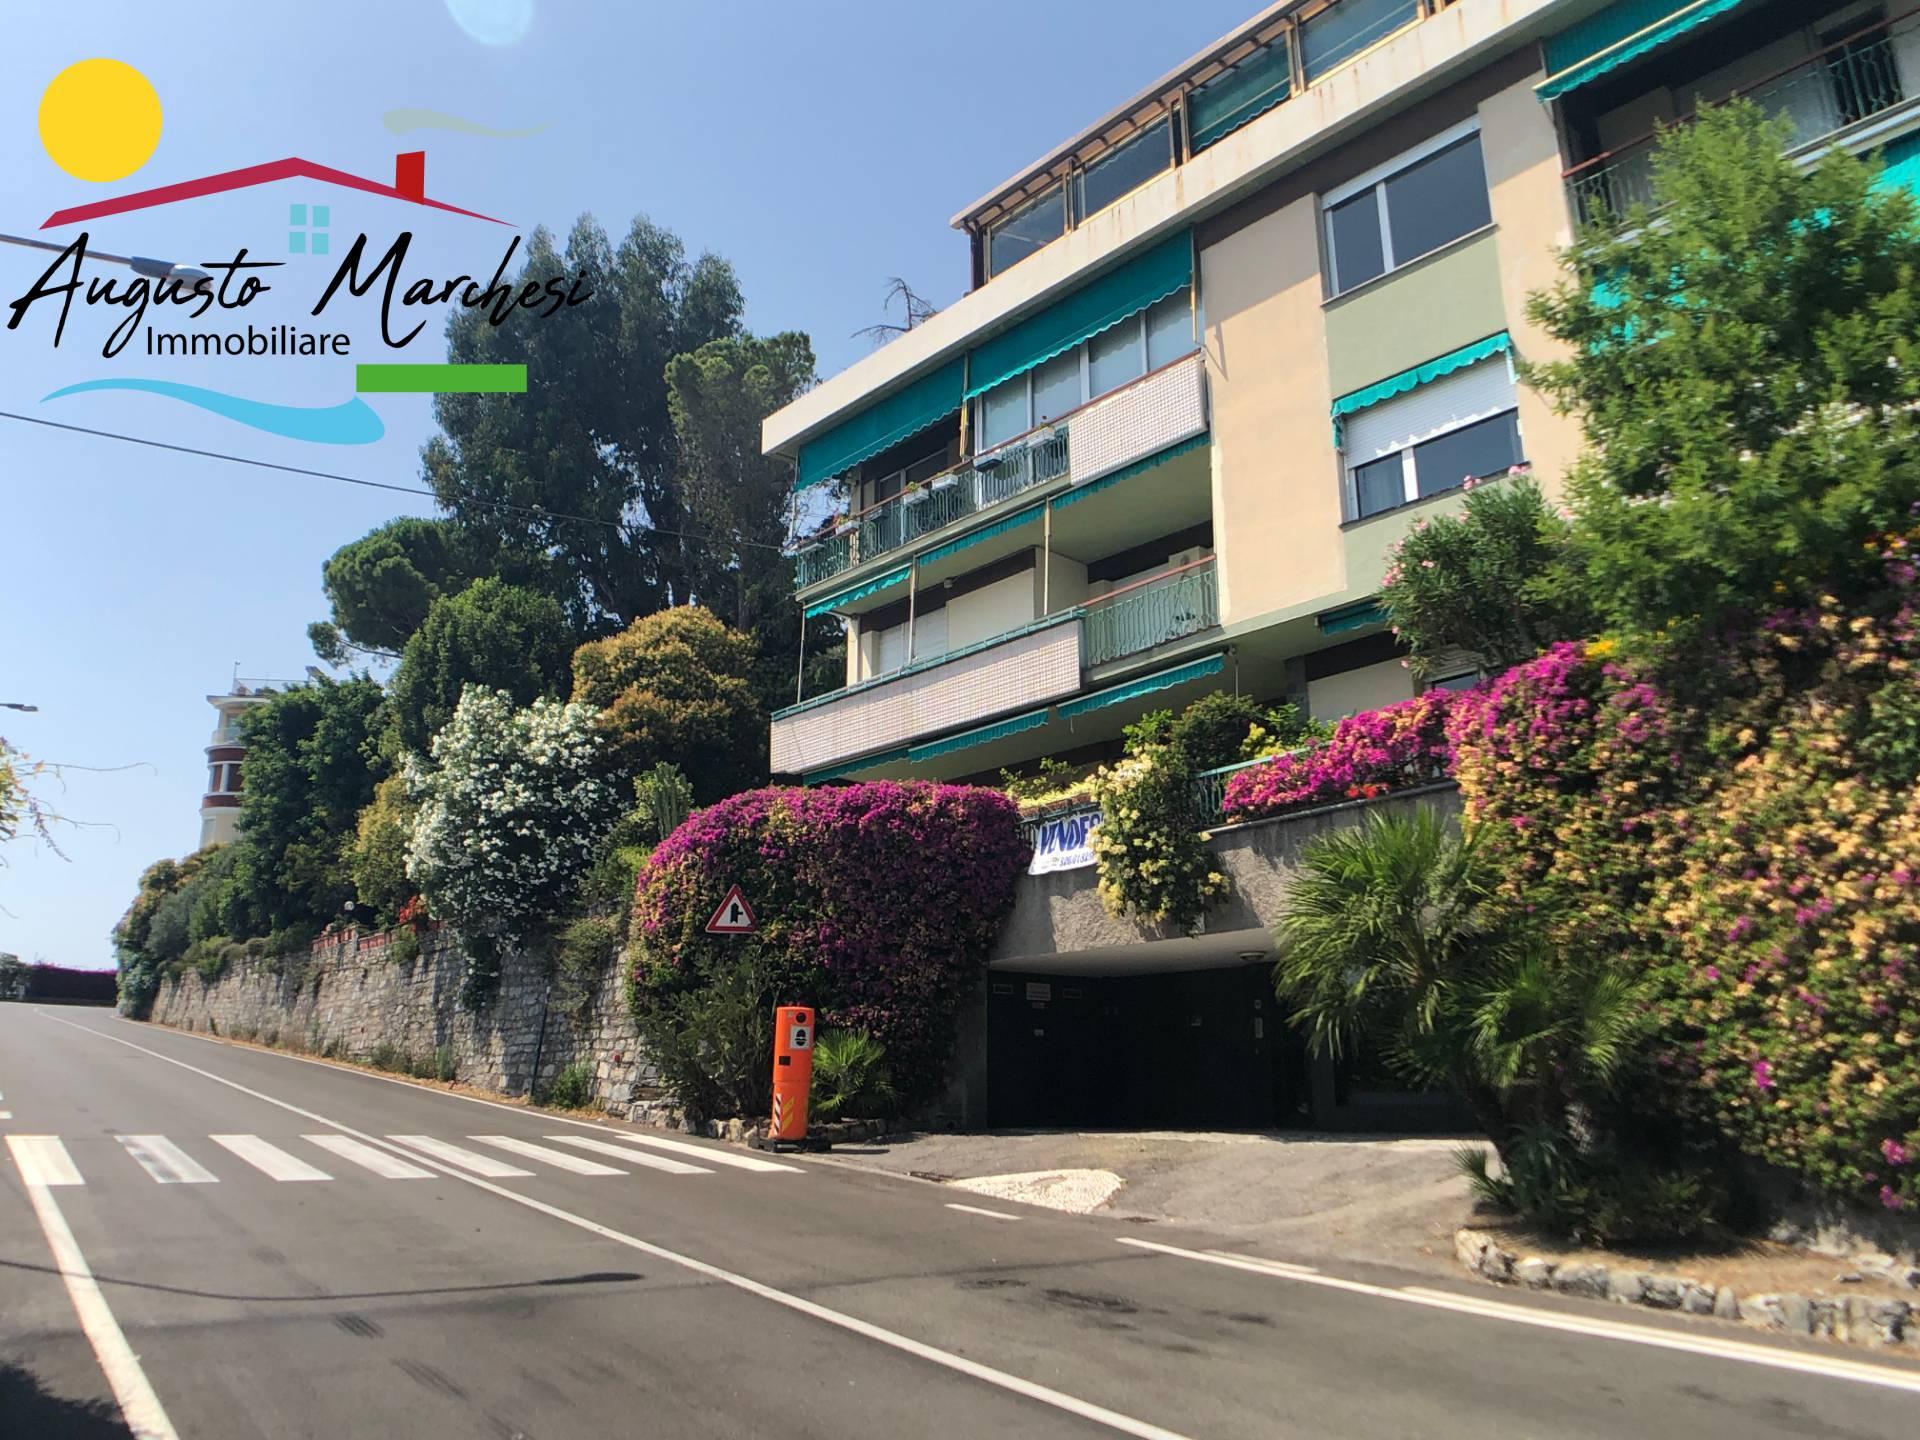 Appartamento in vendita a Sori, 7 locali, zona Località: polanesi, prezzo € 490.000 | CambioCasa.it